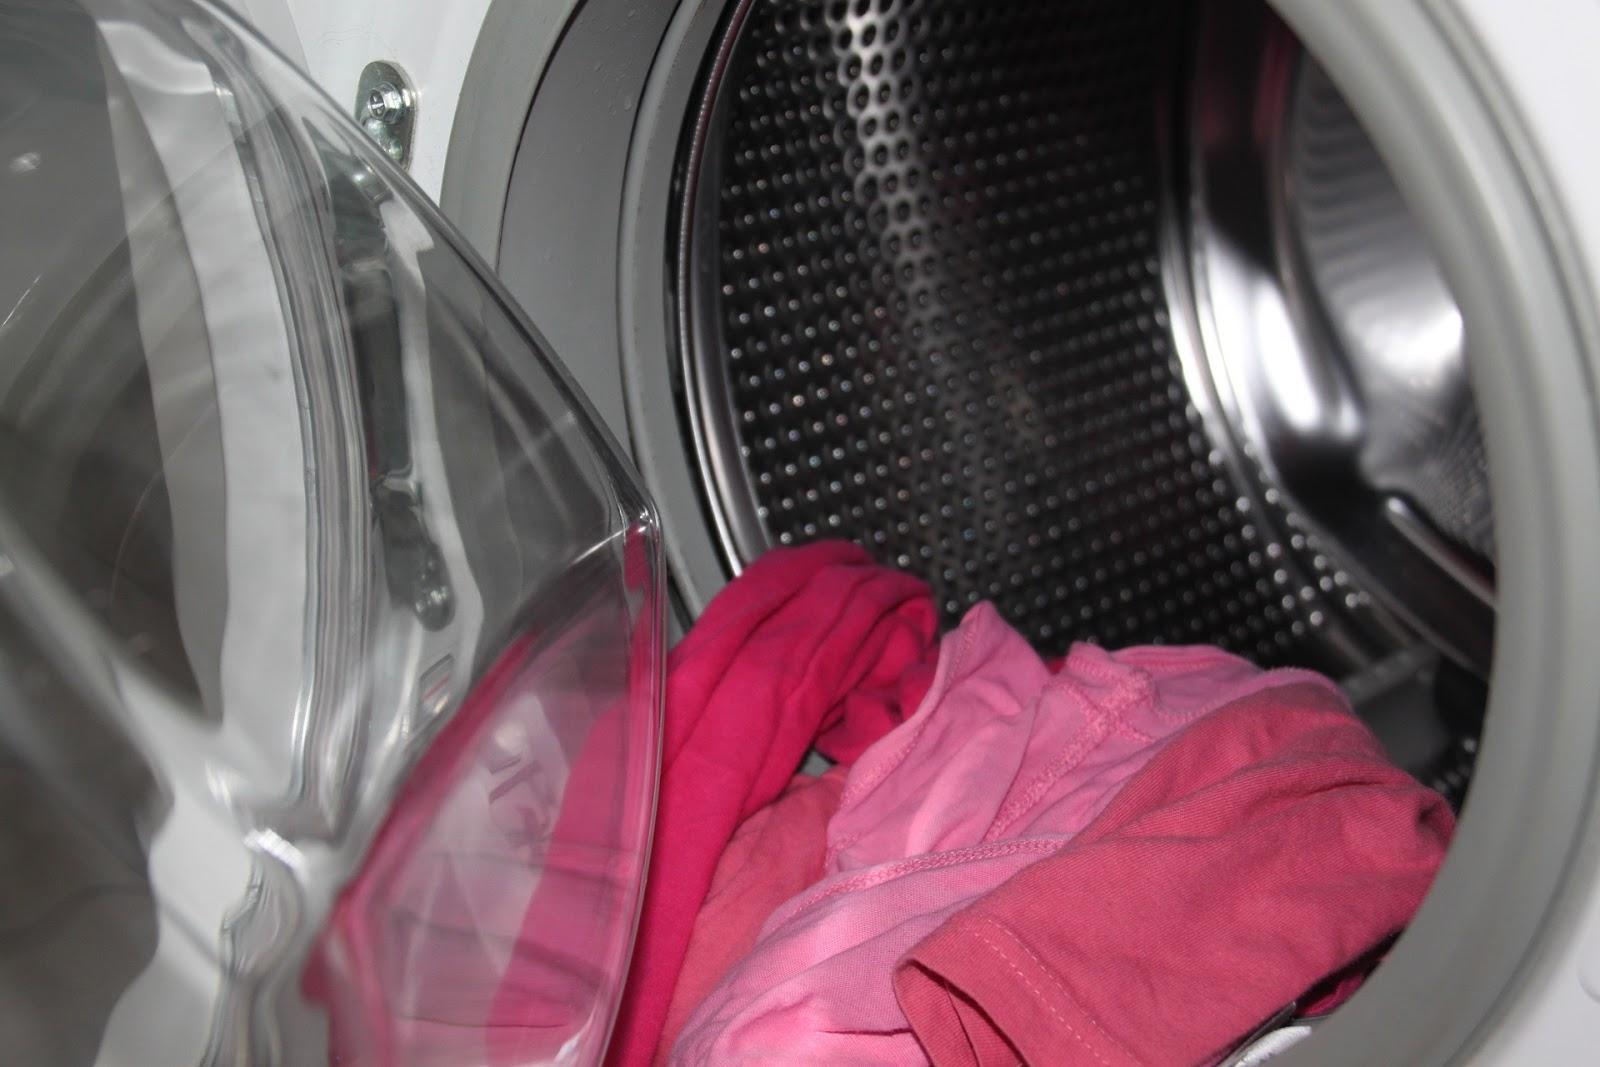 Kostbaar!: Als Hij je ontmoet bij de wasmachine